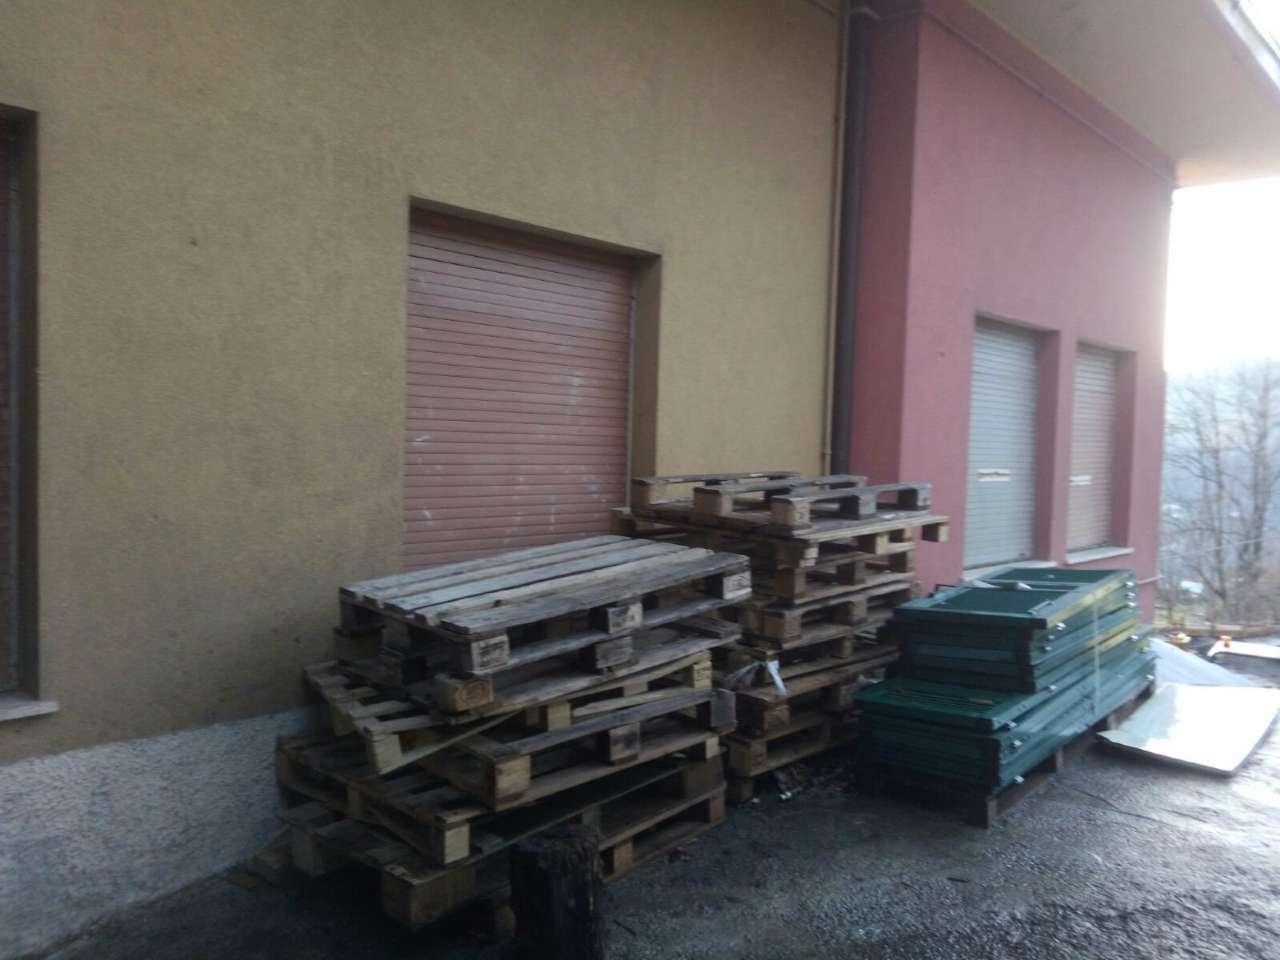 Magazzino in vendita a Davagna, 1 locali, prezzo € 78.000 | PortaleAgenzieImmobiliari.it